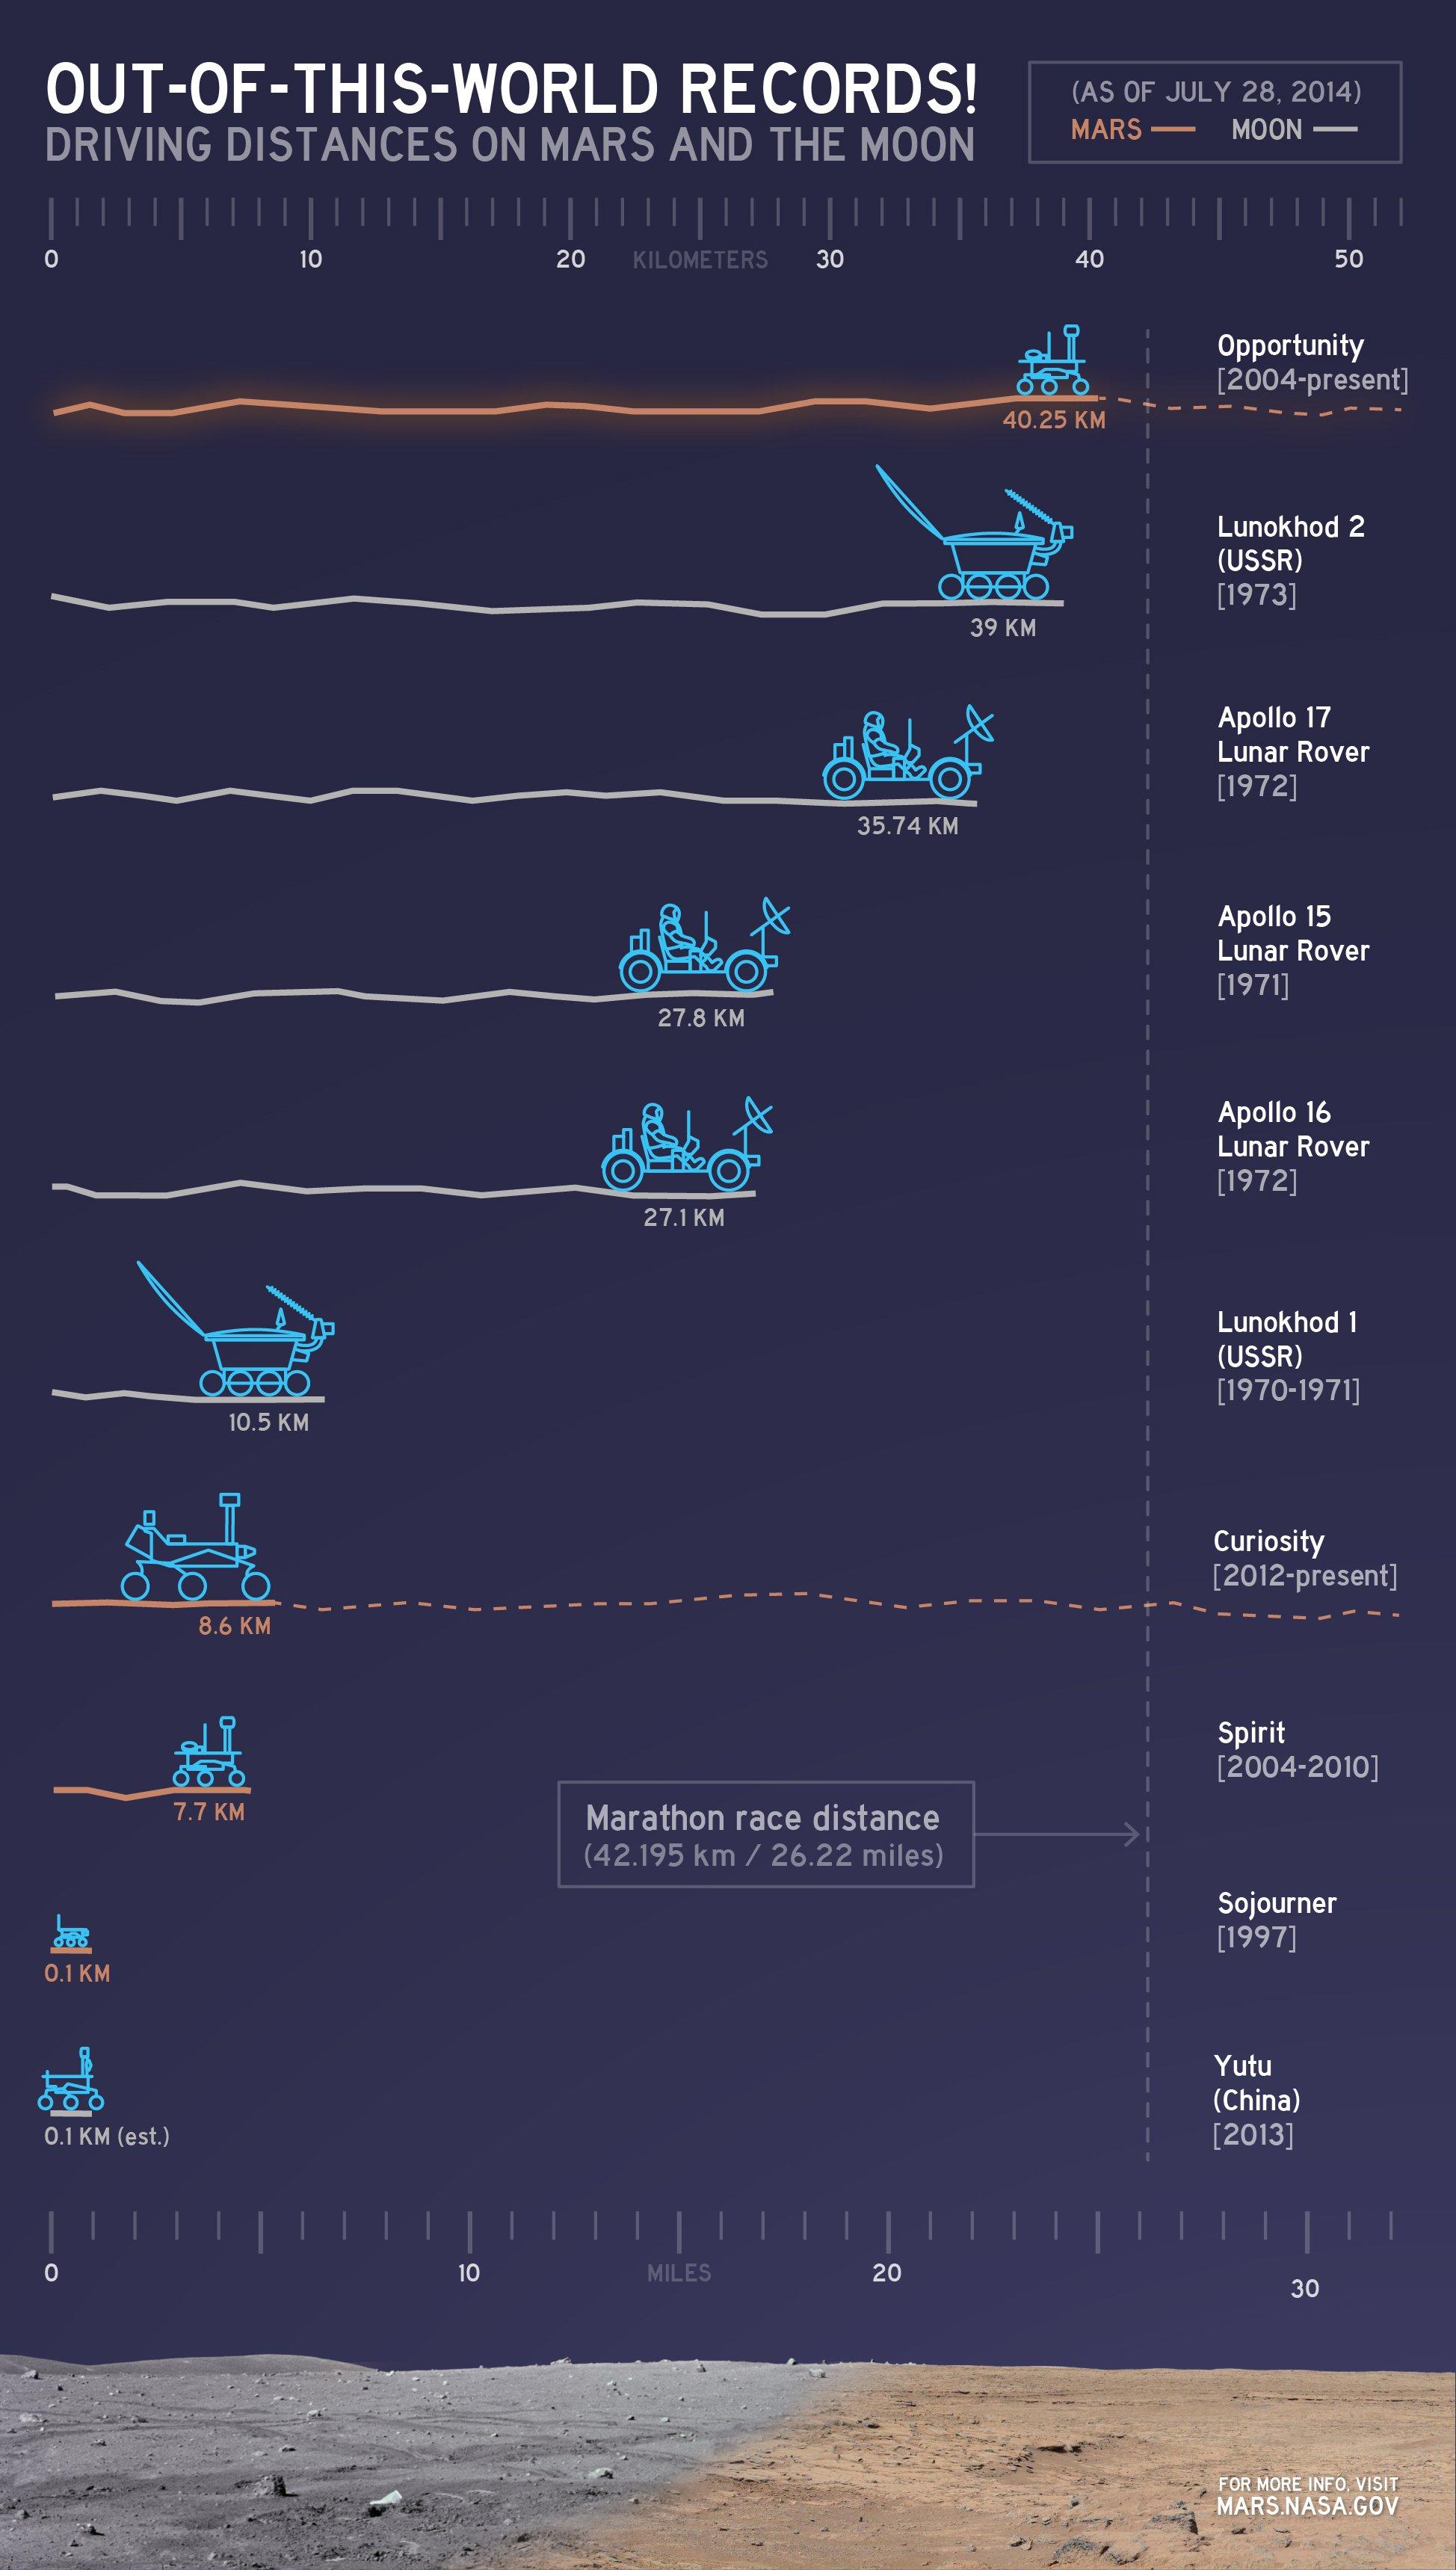 Der Marsrover Opportunity hat gerade die längste Distanz außerhalb der Erde zurückgelegt, die je ein Fahrzeug geschafft hat. Opportunity hat mit 40 Kilometern auf dem Mars knapp den russischen RoverLunochod 2 übertroffen, der 1973 rund 39 Kilometer auf dem Mond gefahren ist.